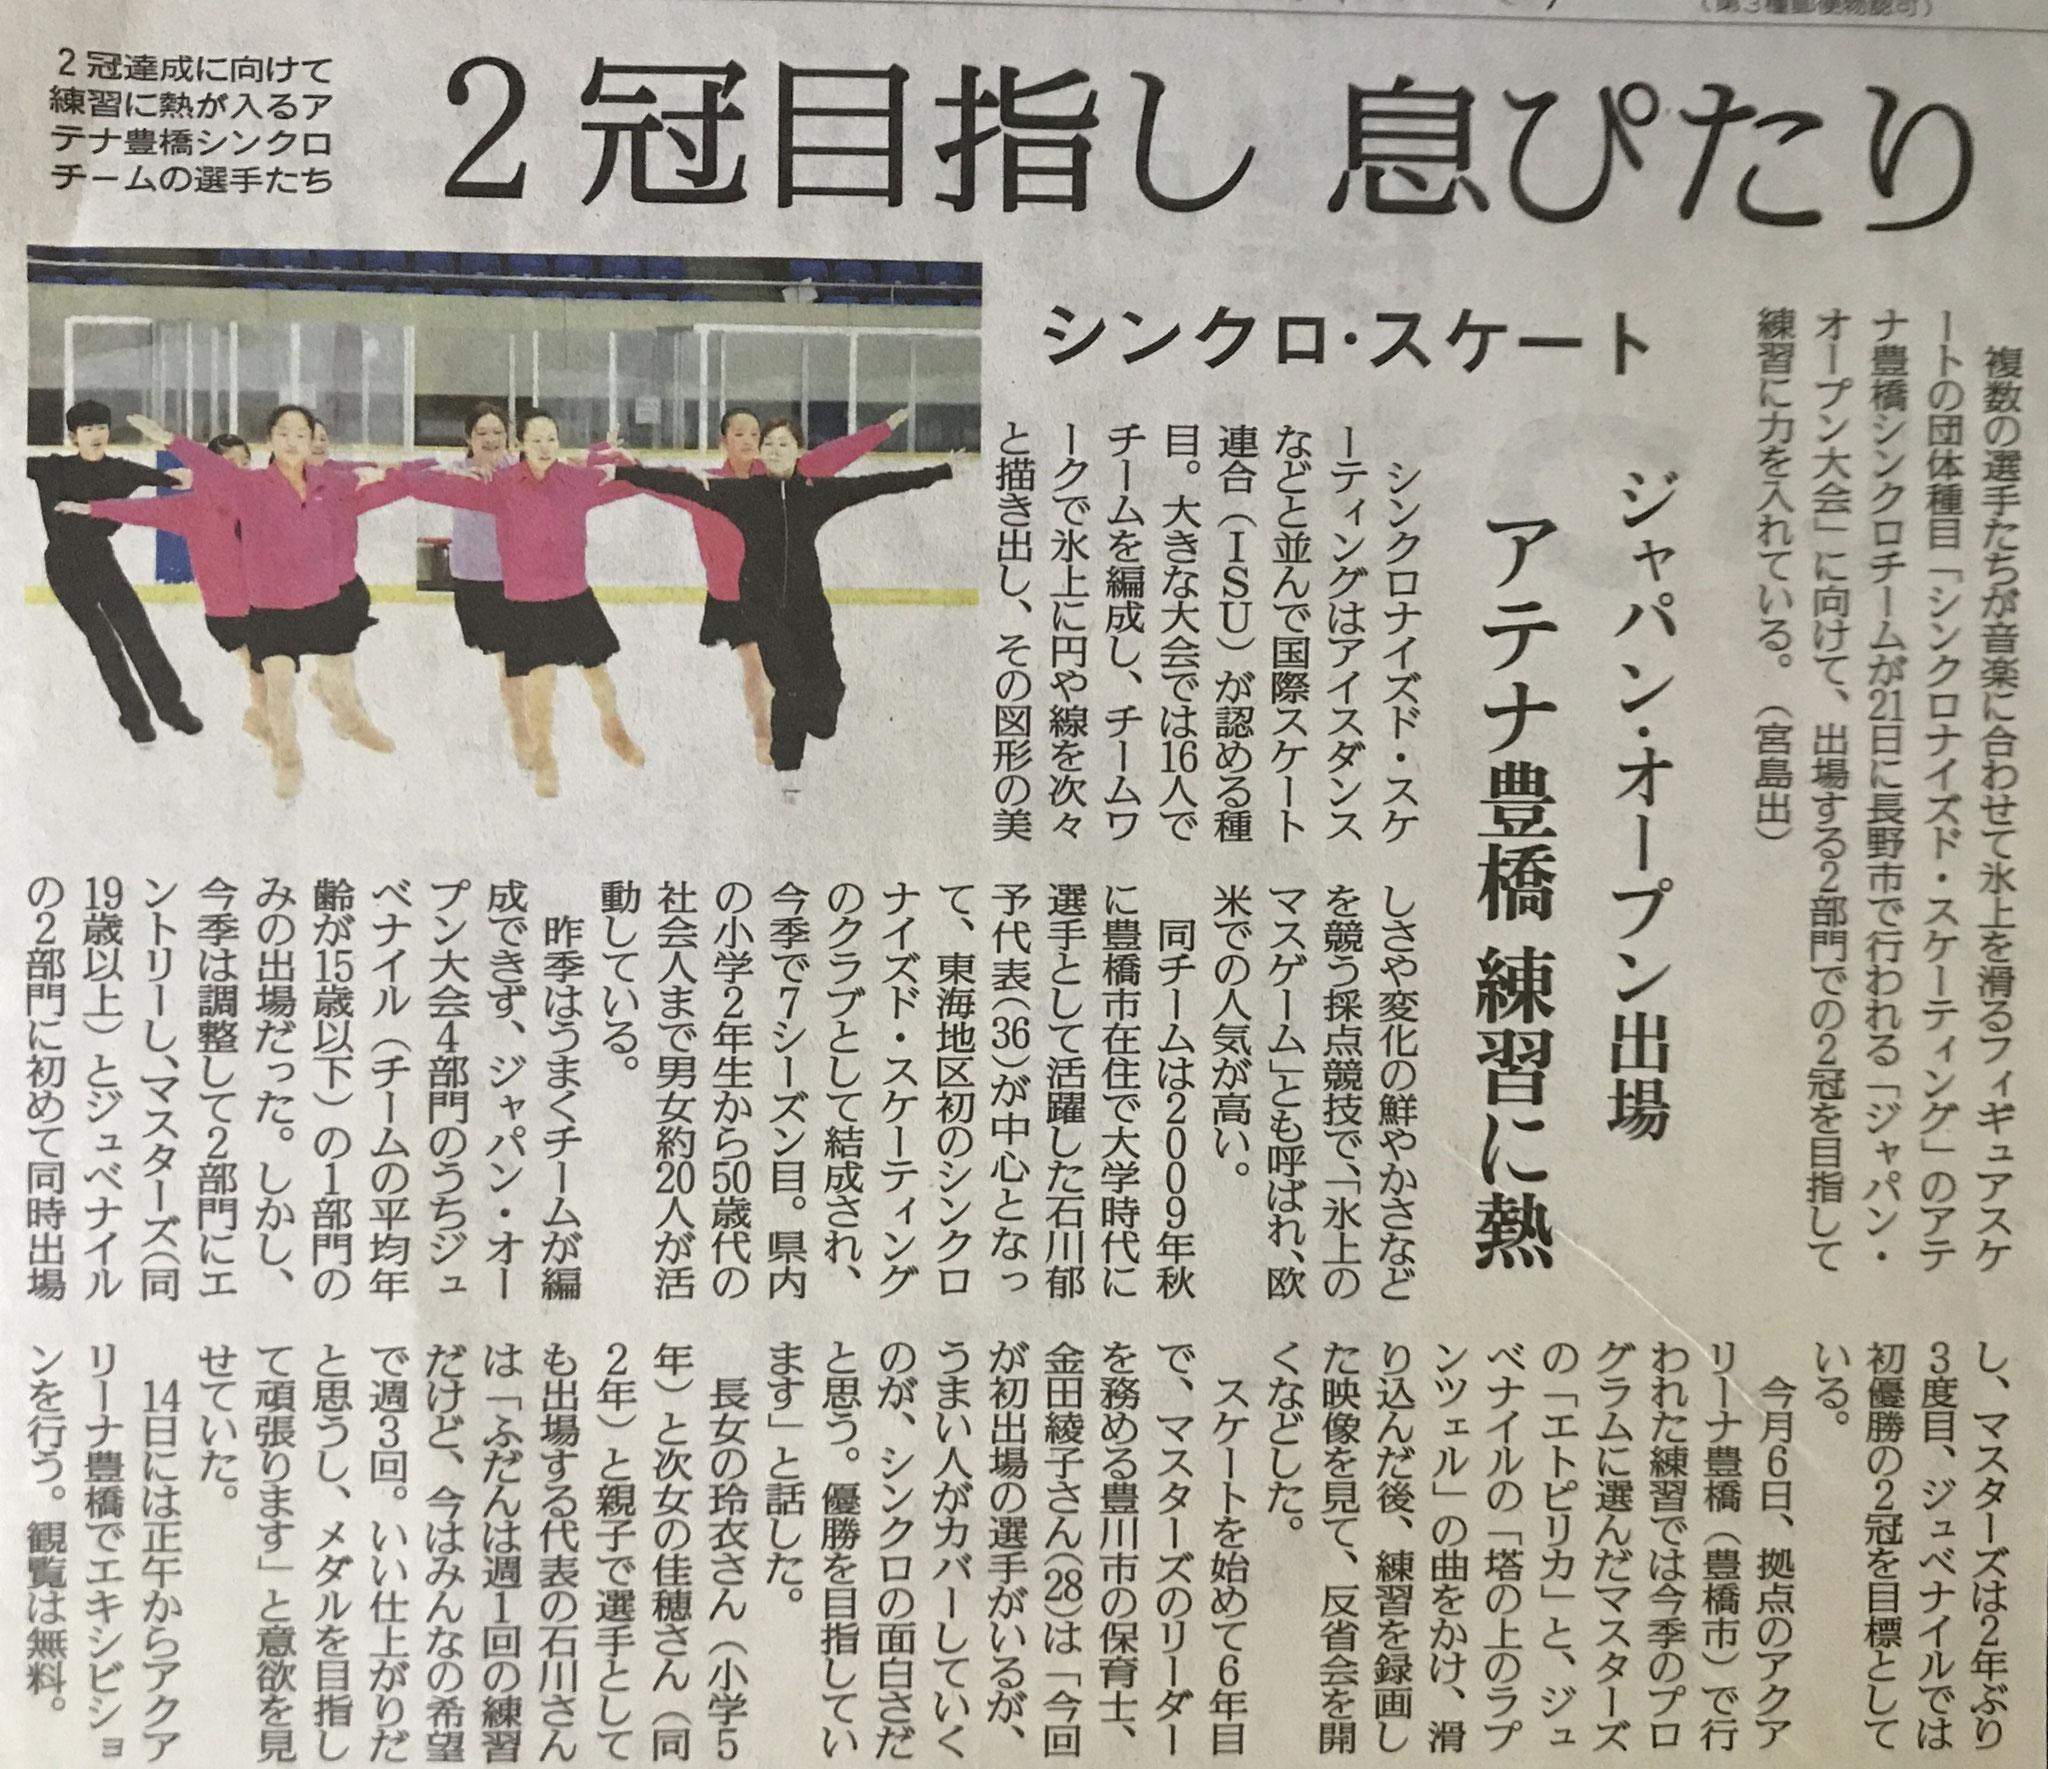 2016.2.11 読売新聞